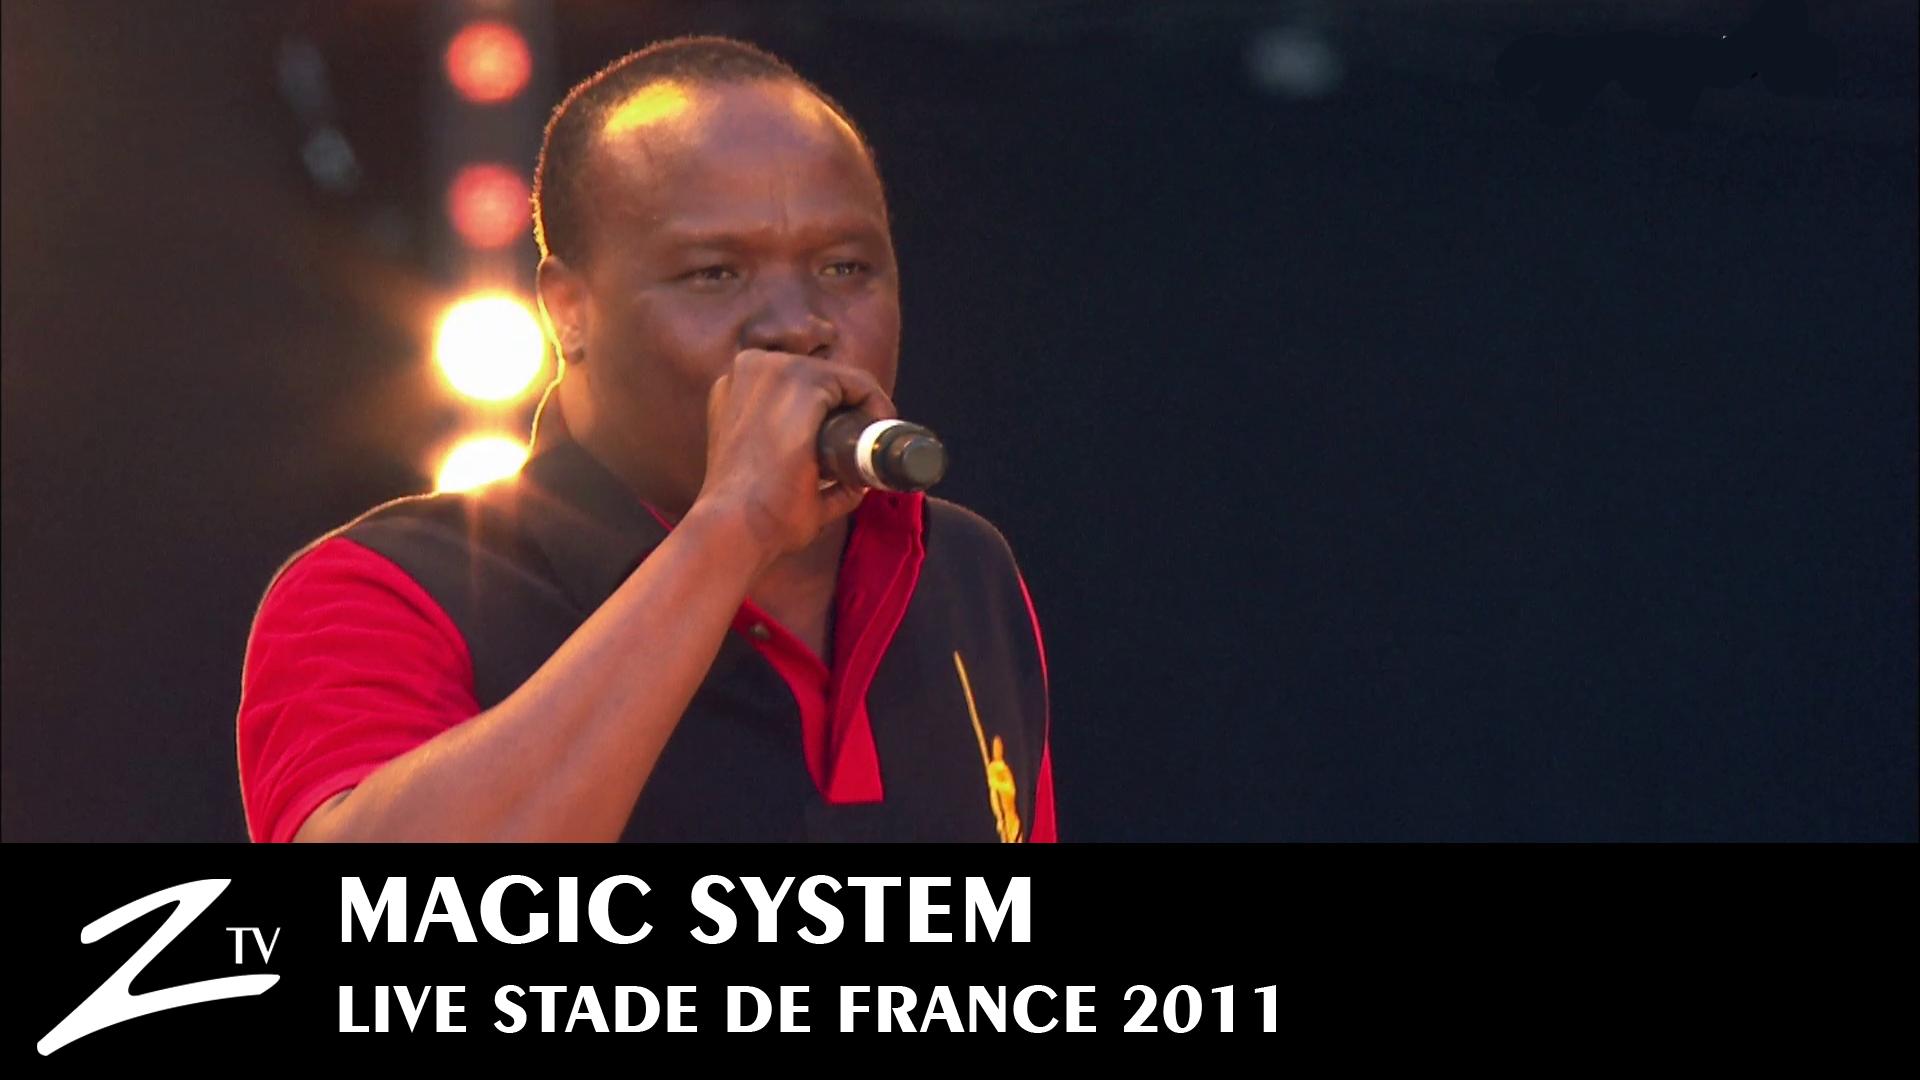 Magic System